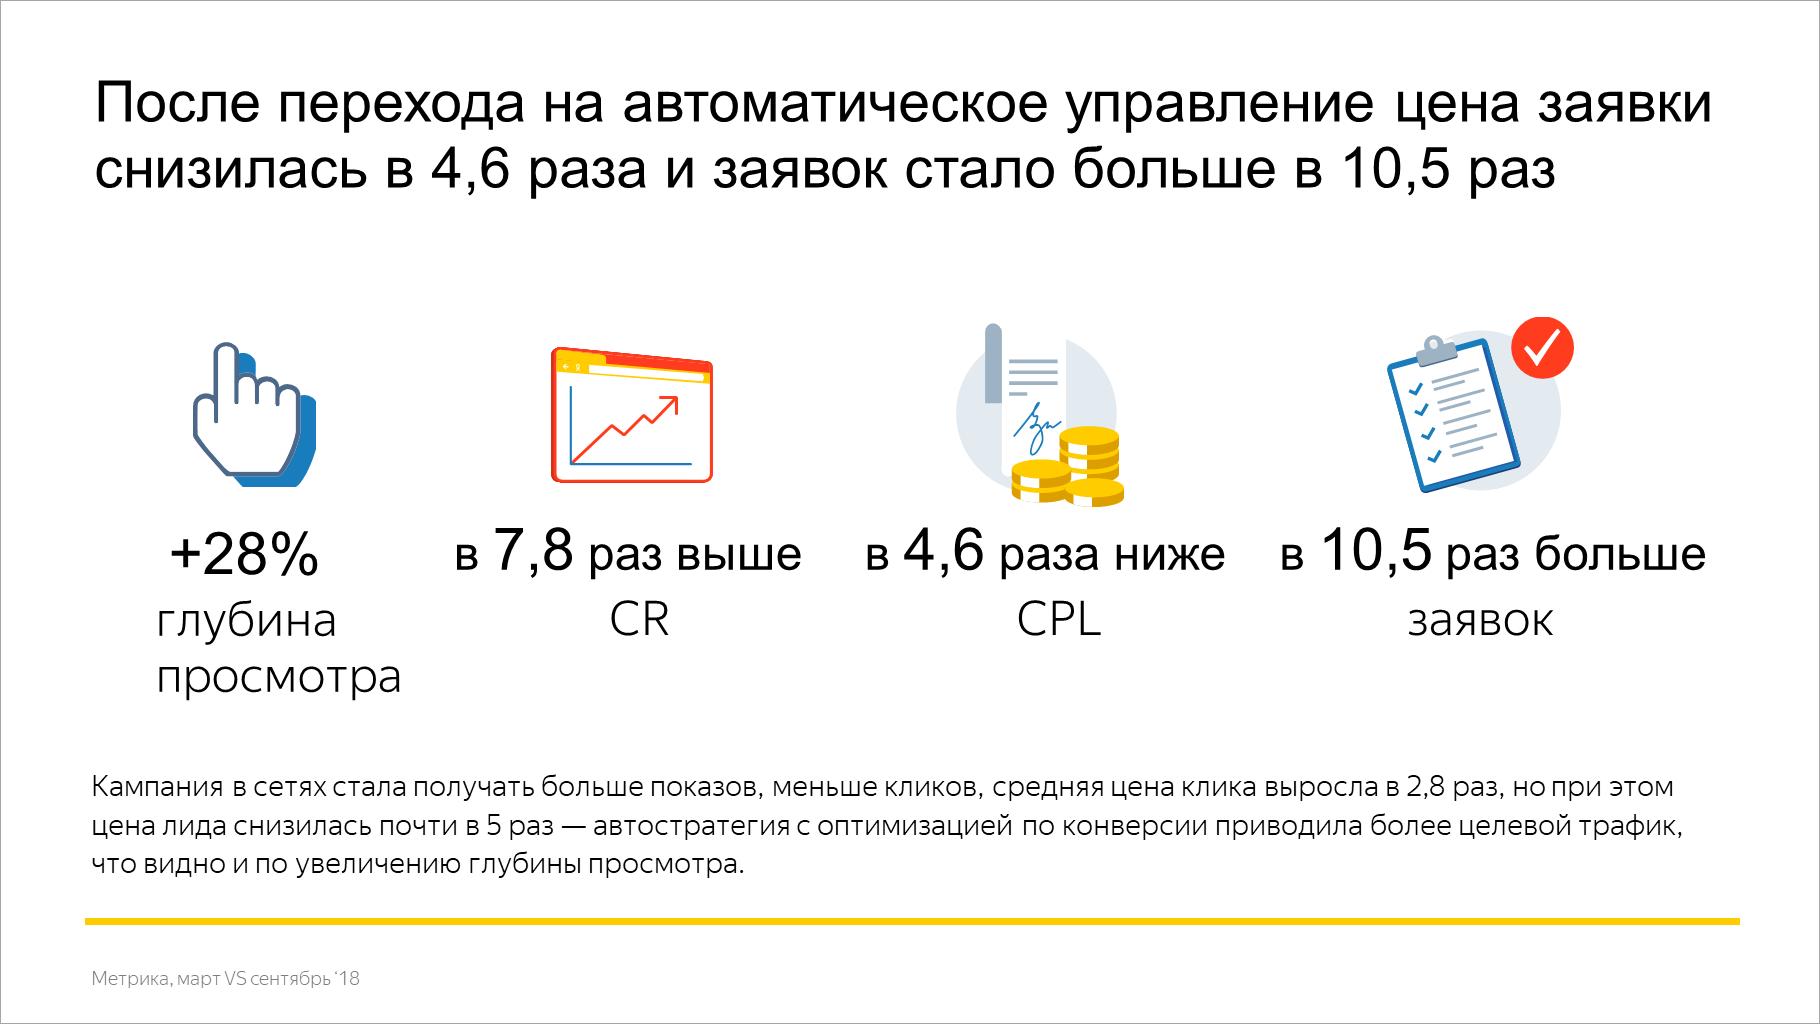 После перехода на автоматическое управление цена заявки снизилась в 4,6 раза и заявок стало больше в 10,5 раз